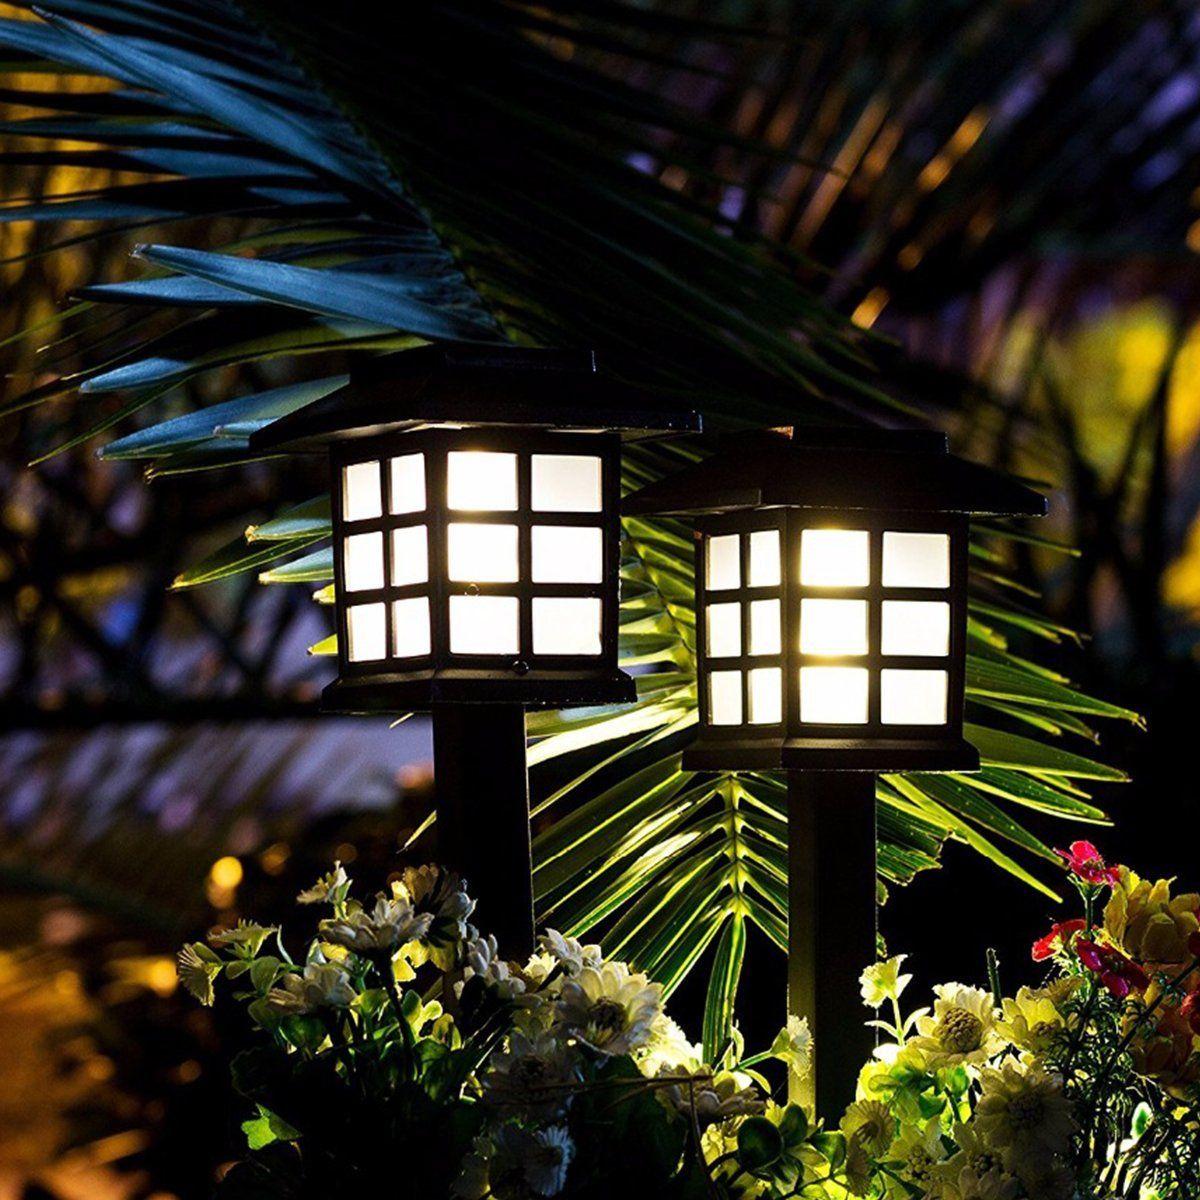 太阳能草坪灯户外防水景观庭院别墅花园装饰美化耐用超亮清仓甩卖热销20件限时抢购